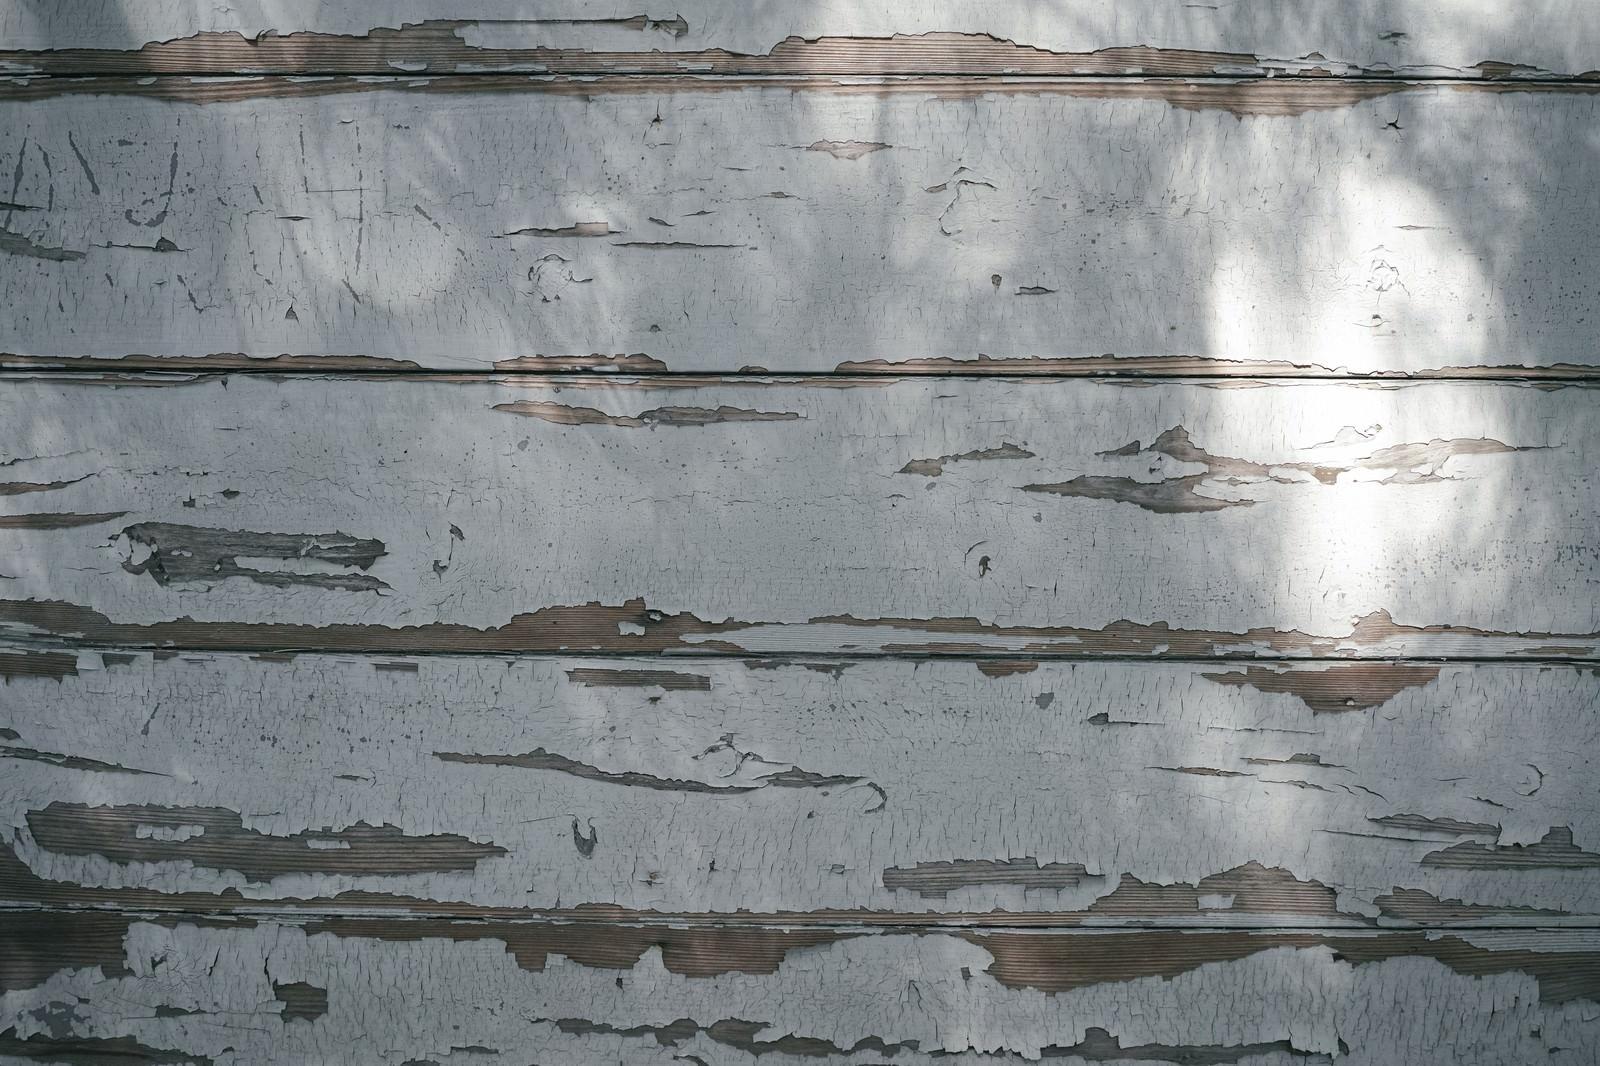 「塗装の剝がれた木目の壁(テクスチャ)」の写真